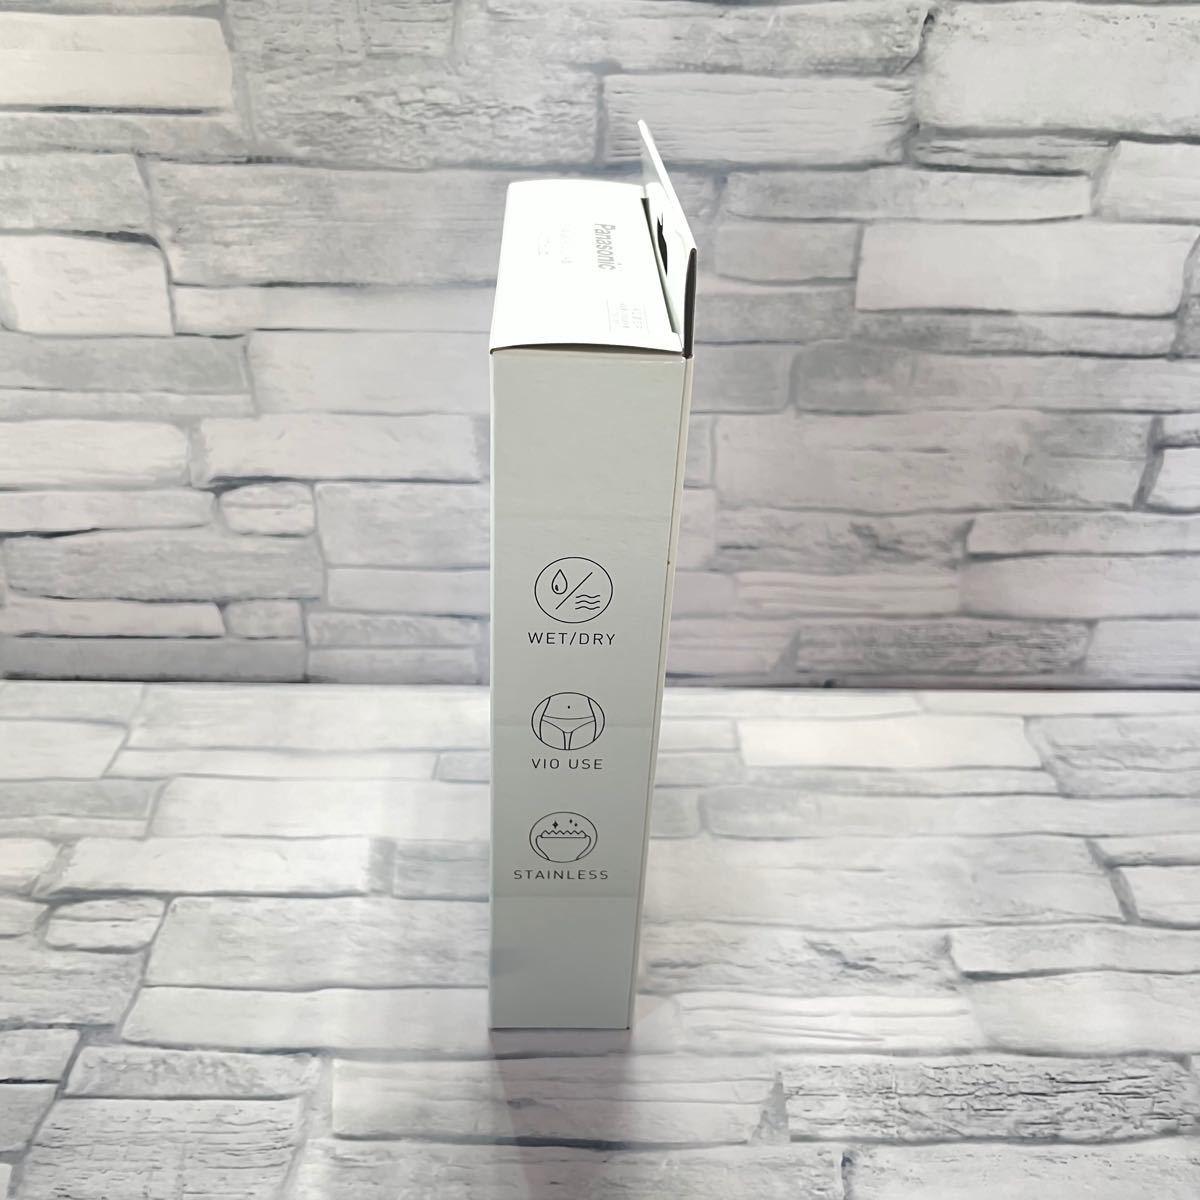 【新品未使用】VIOフェリエ ES-WV60 S パナソニック VIO シェーバー